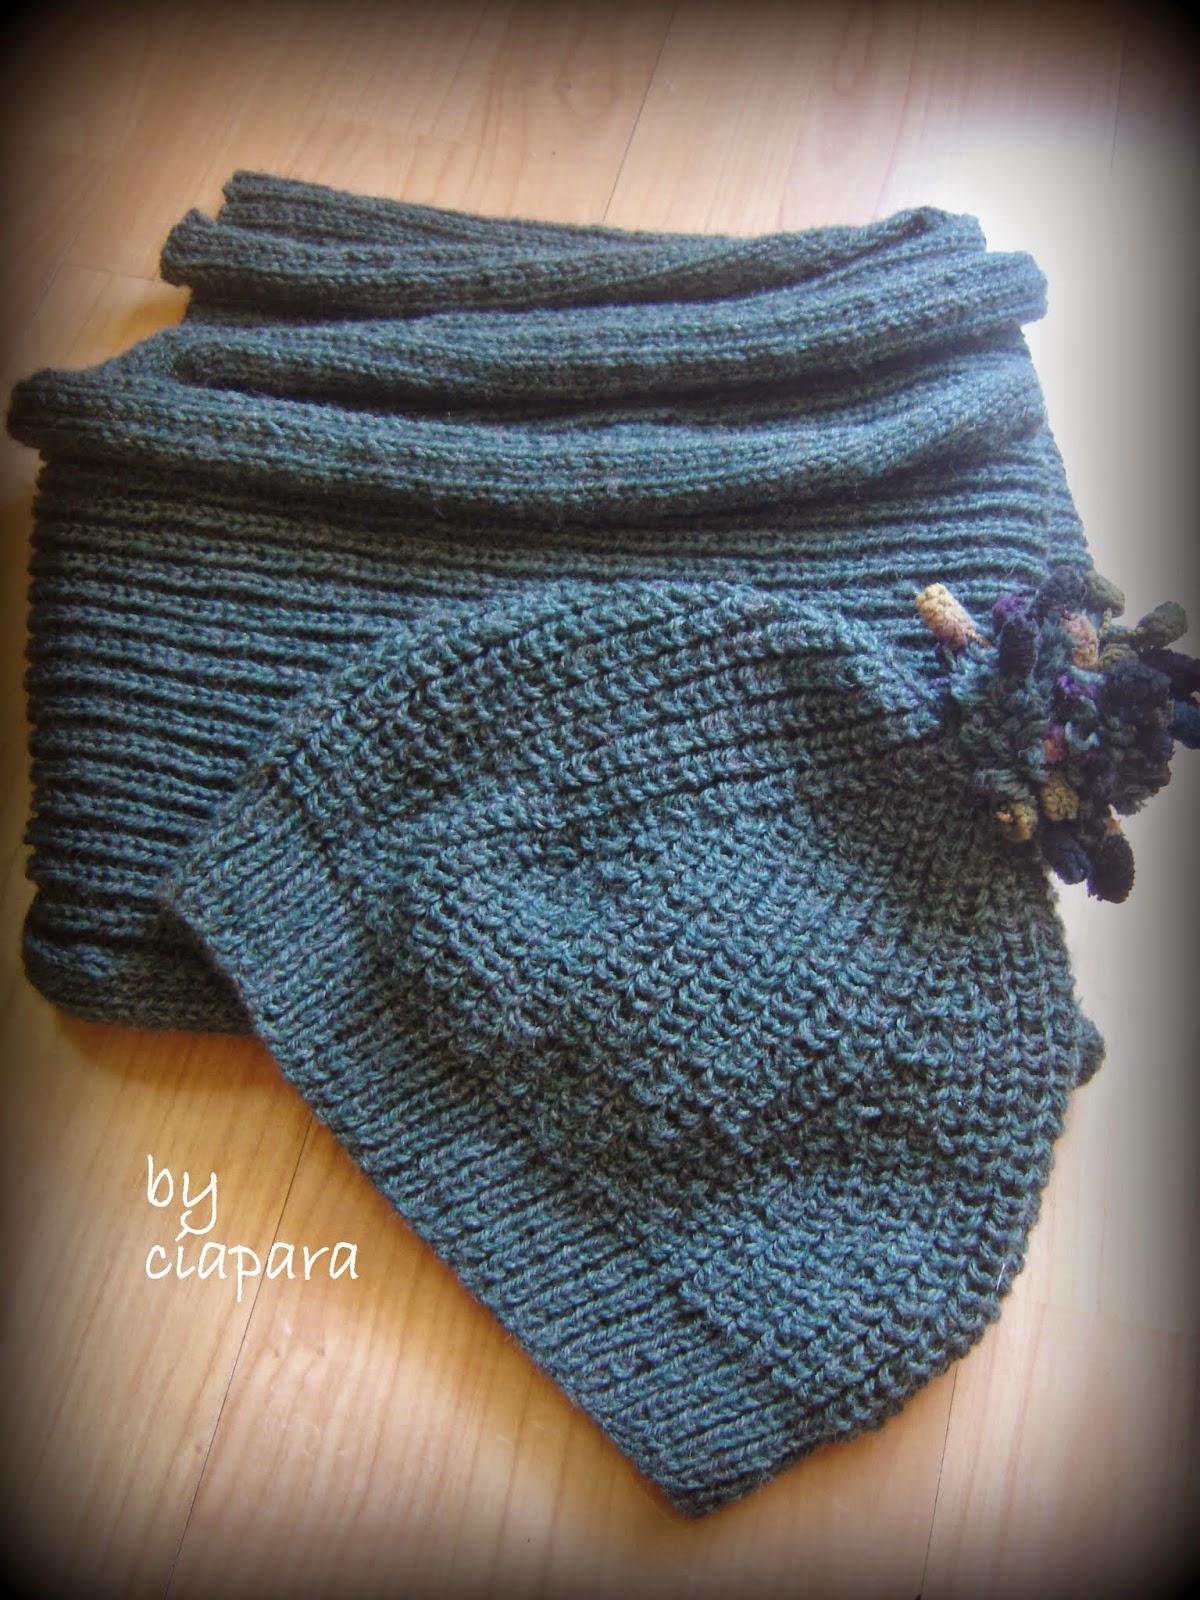 http://mojerobotkowanie.blogspot.com/2014/10/jesienne-przygotowania-do-zimy.html